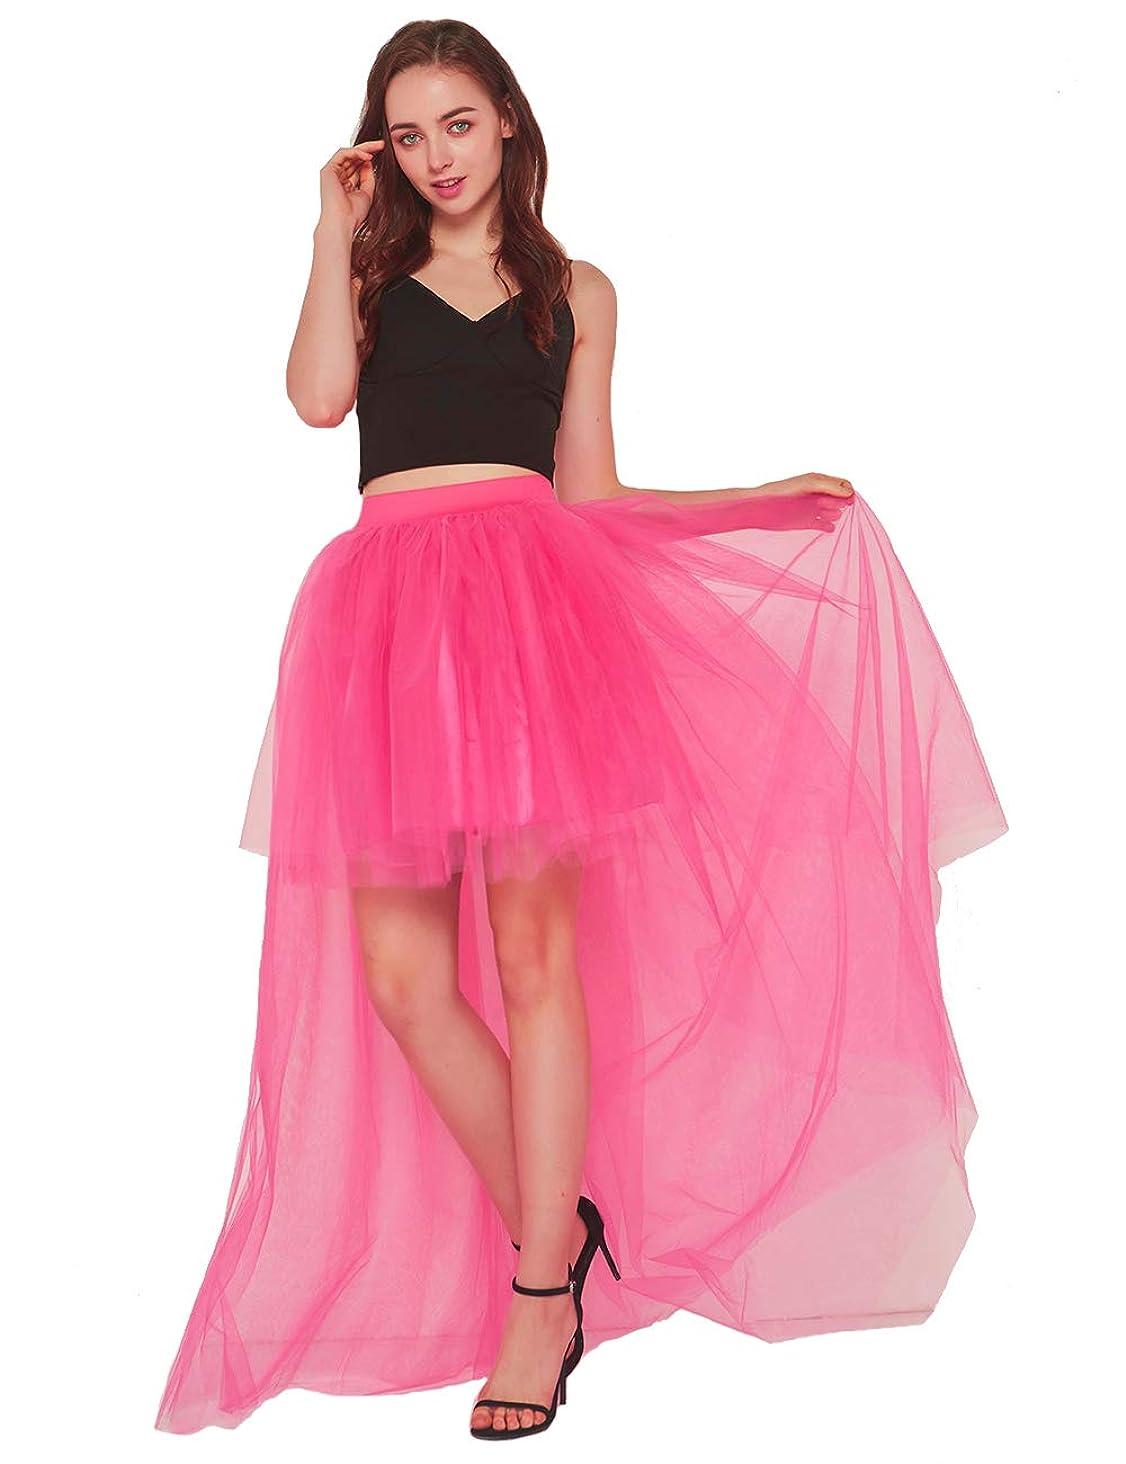 Women Dovetail Skirt Sexy Short Front Back Long Fluffy Tulle Skirt for Wedding/Bridal Skirt/Take photoes